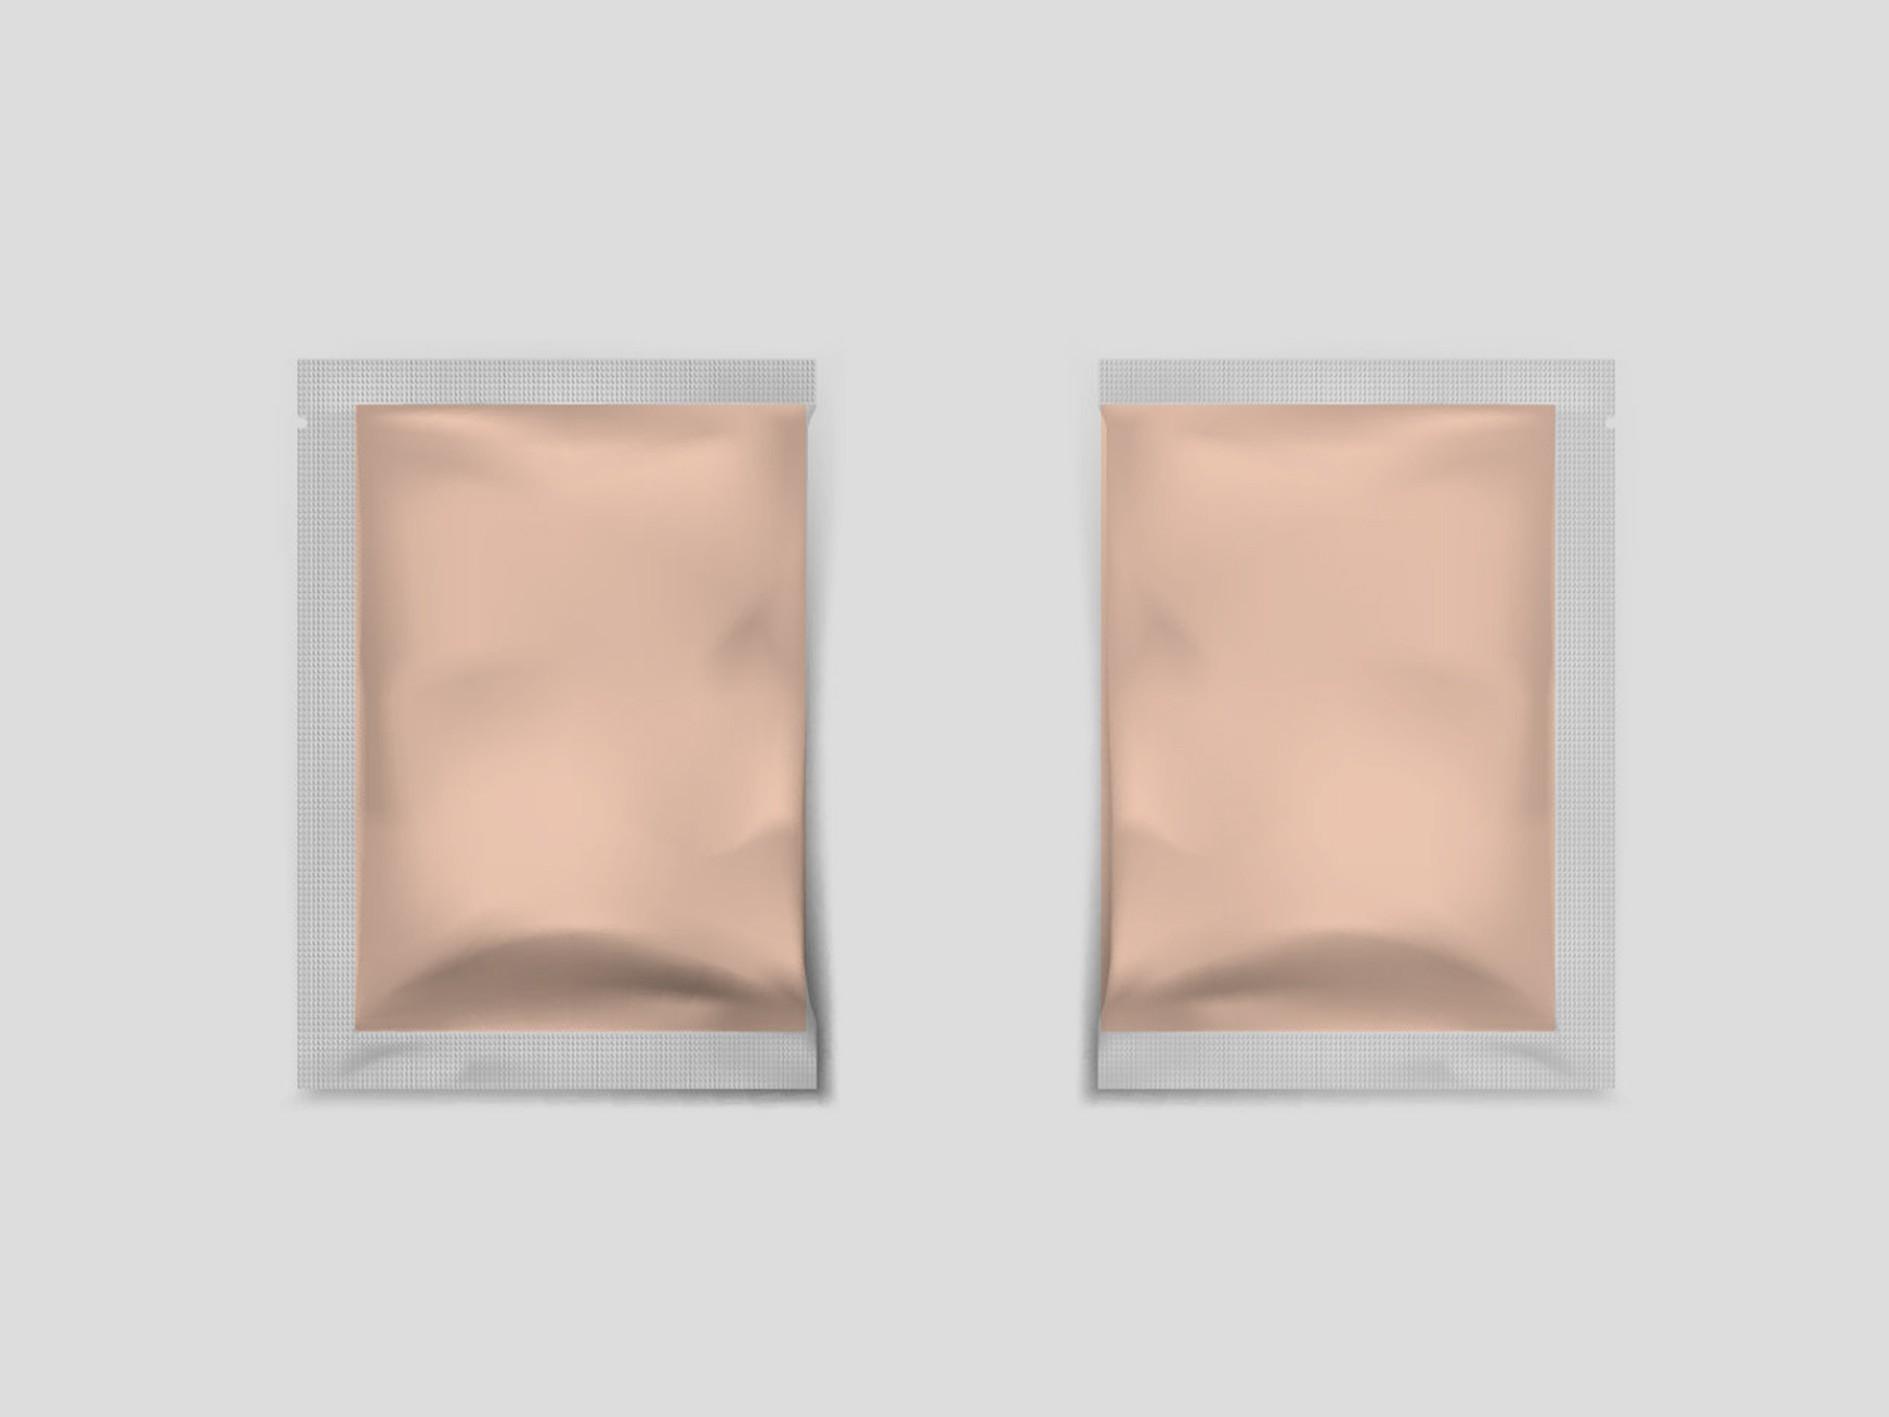 银色防腐蚀通用卷材-保健品包装定制